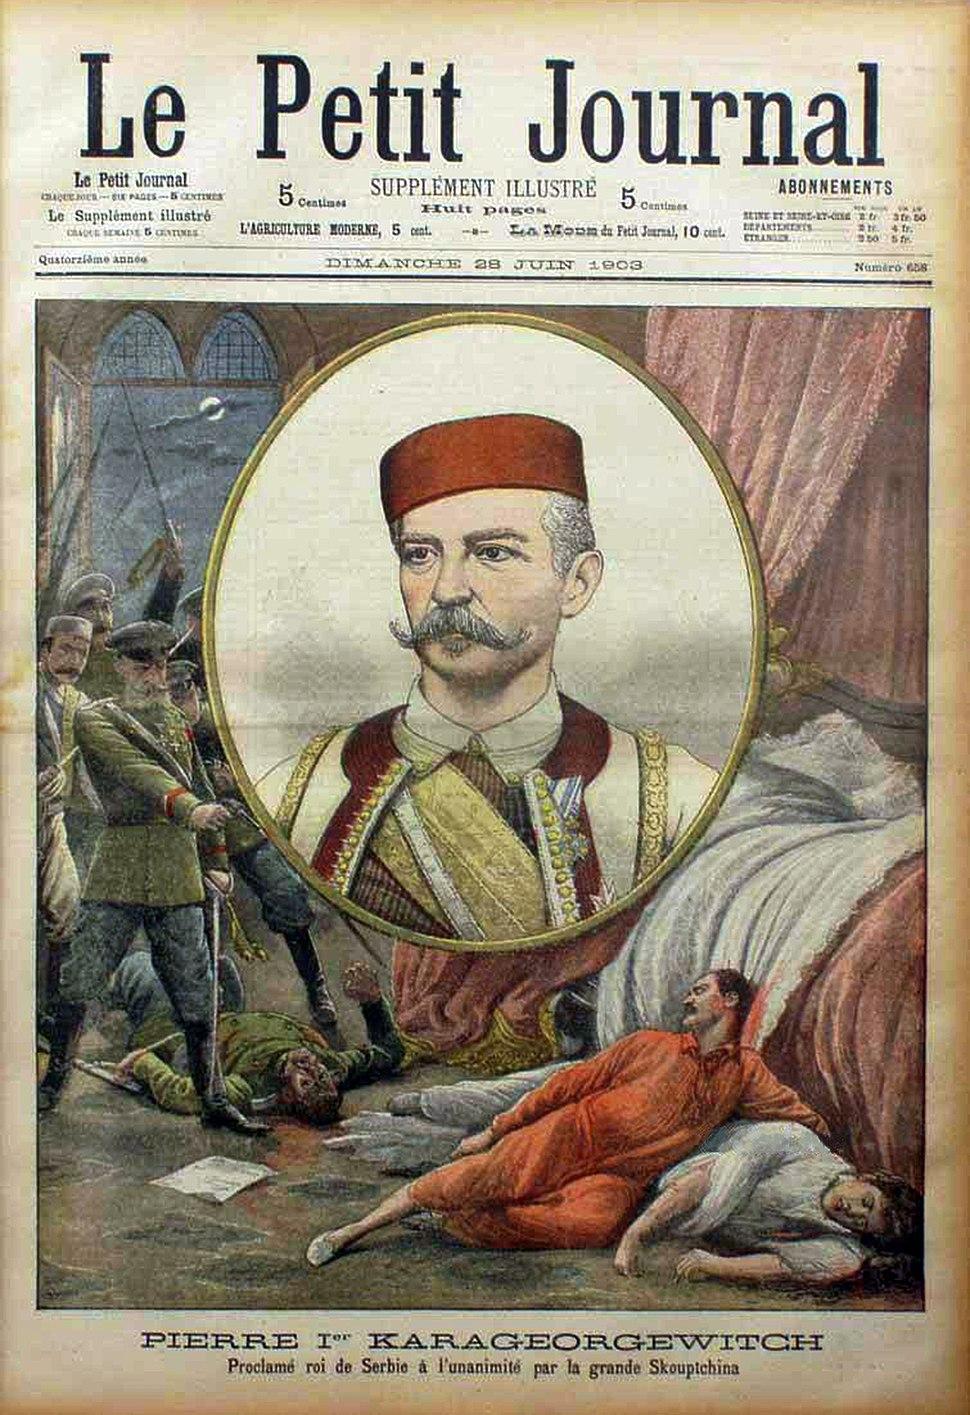 Petar A. Karadjordjevic (1844-1921) u srpskoj crnogorskoj nosnji - 1903